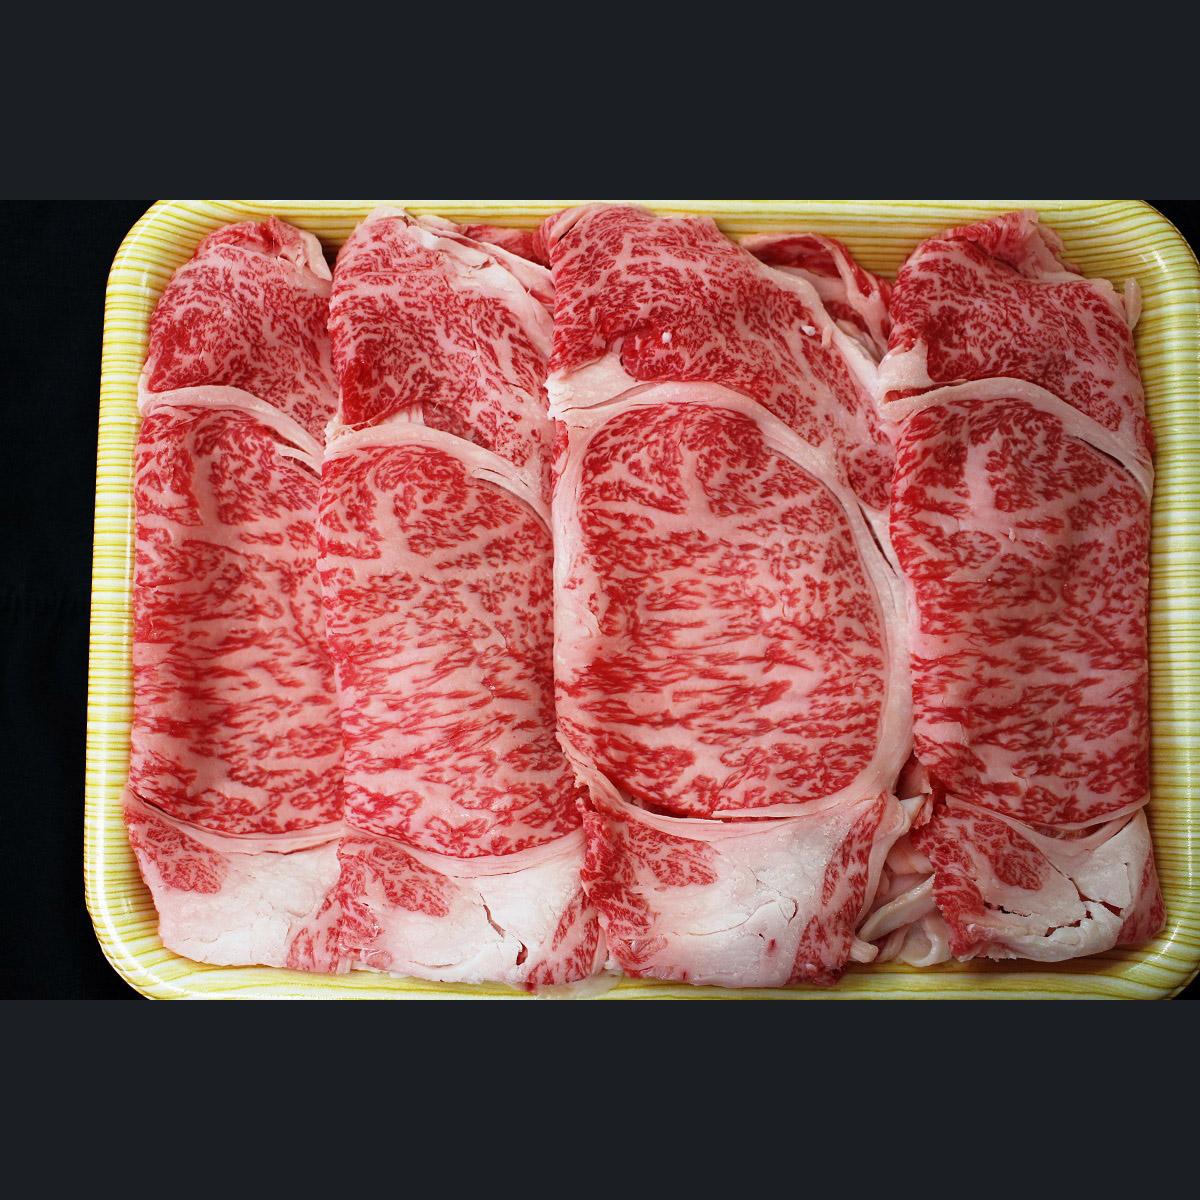 【ふるさと納税】A4等級以上  飛騨牛ロース肉(すきやき用)スライス600g※着日時のご指定はできません